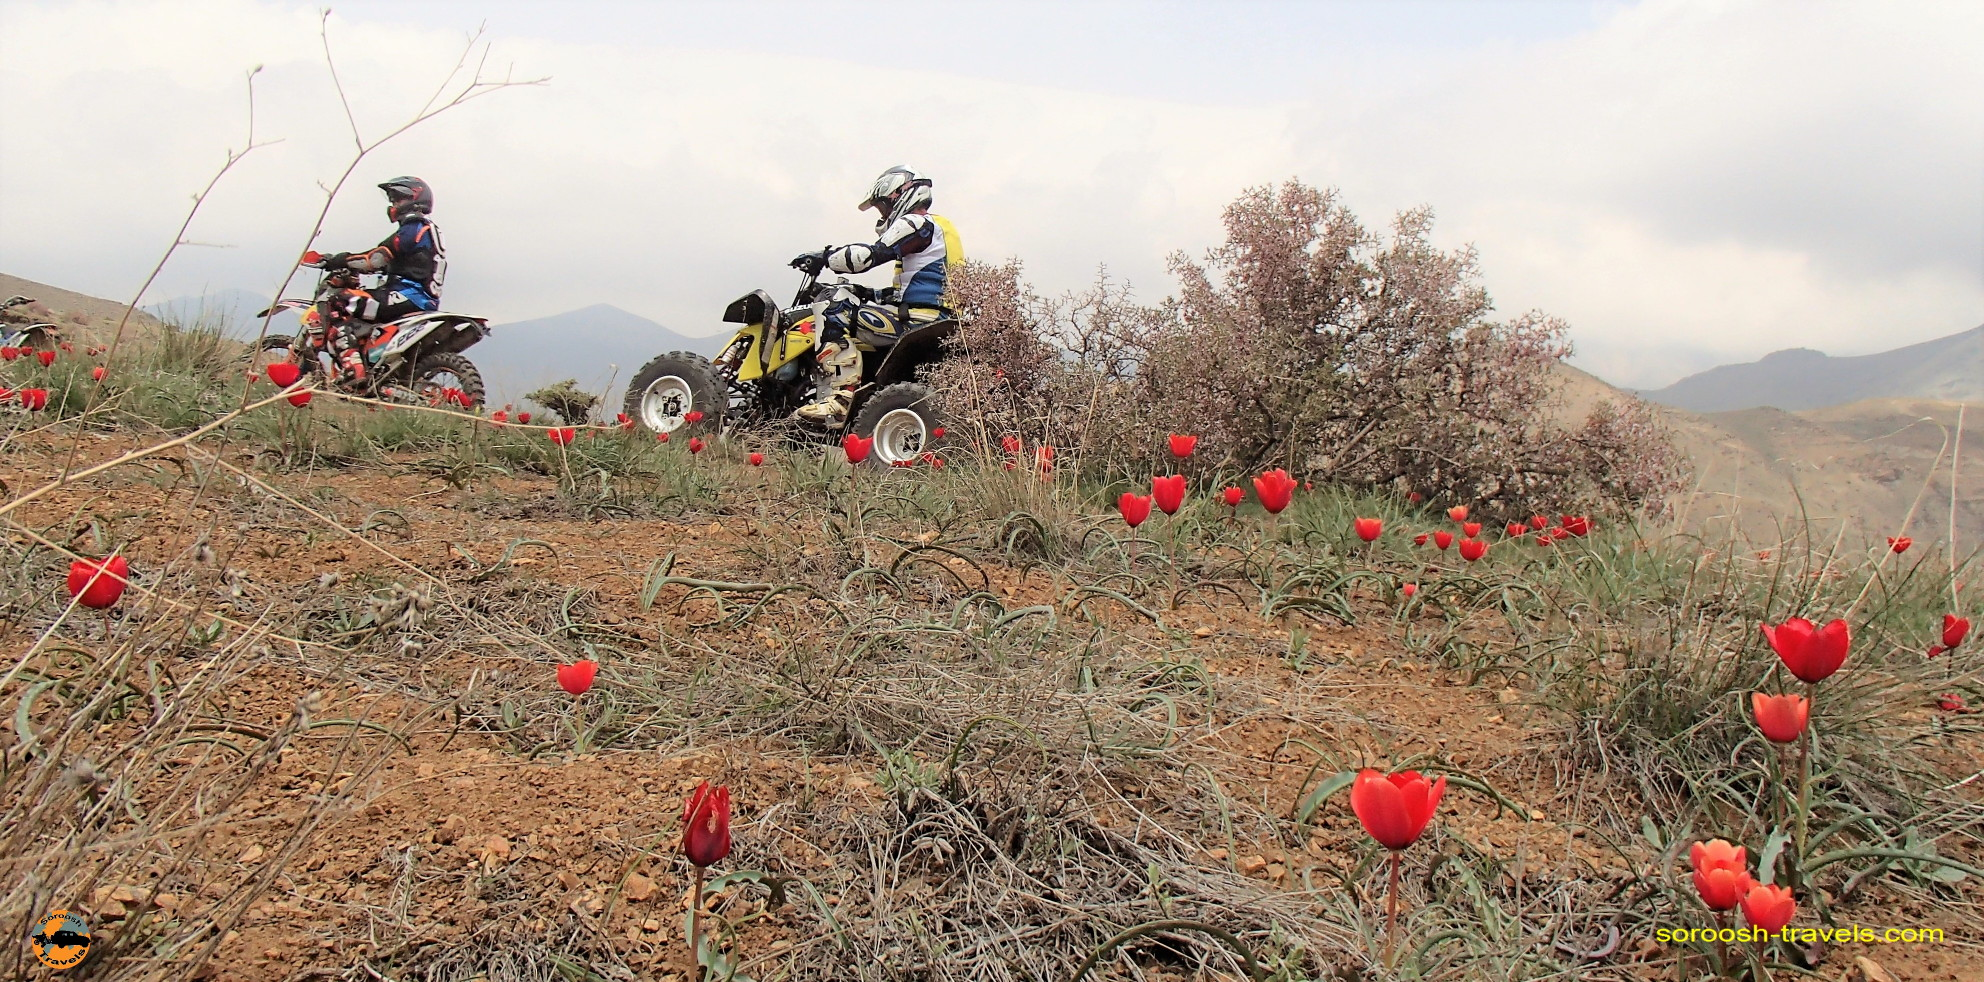 موتور سواری در هوای لذتبخش بهاری – منطقه وردیج